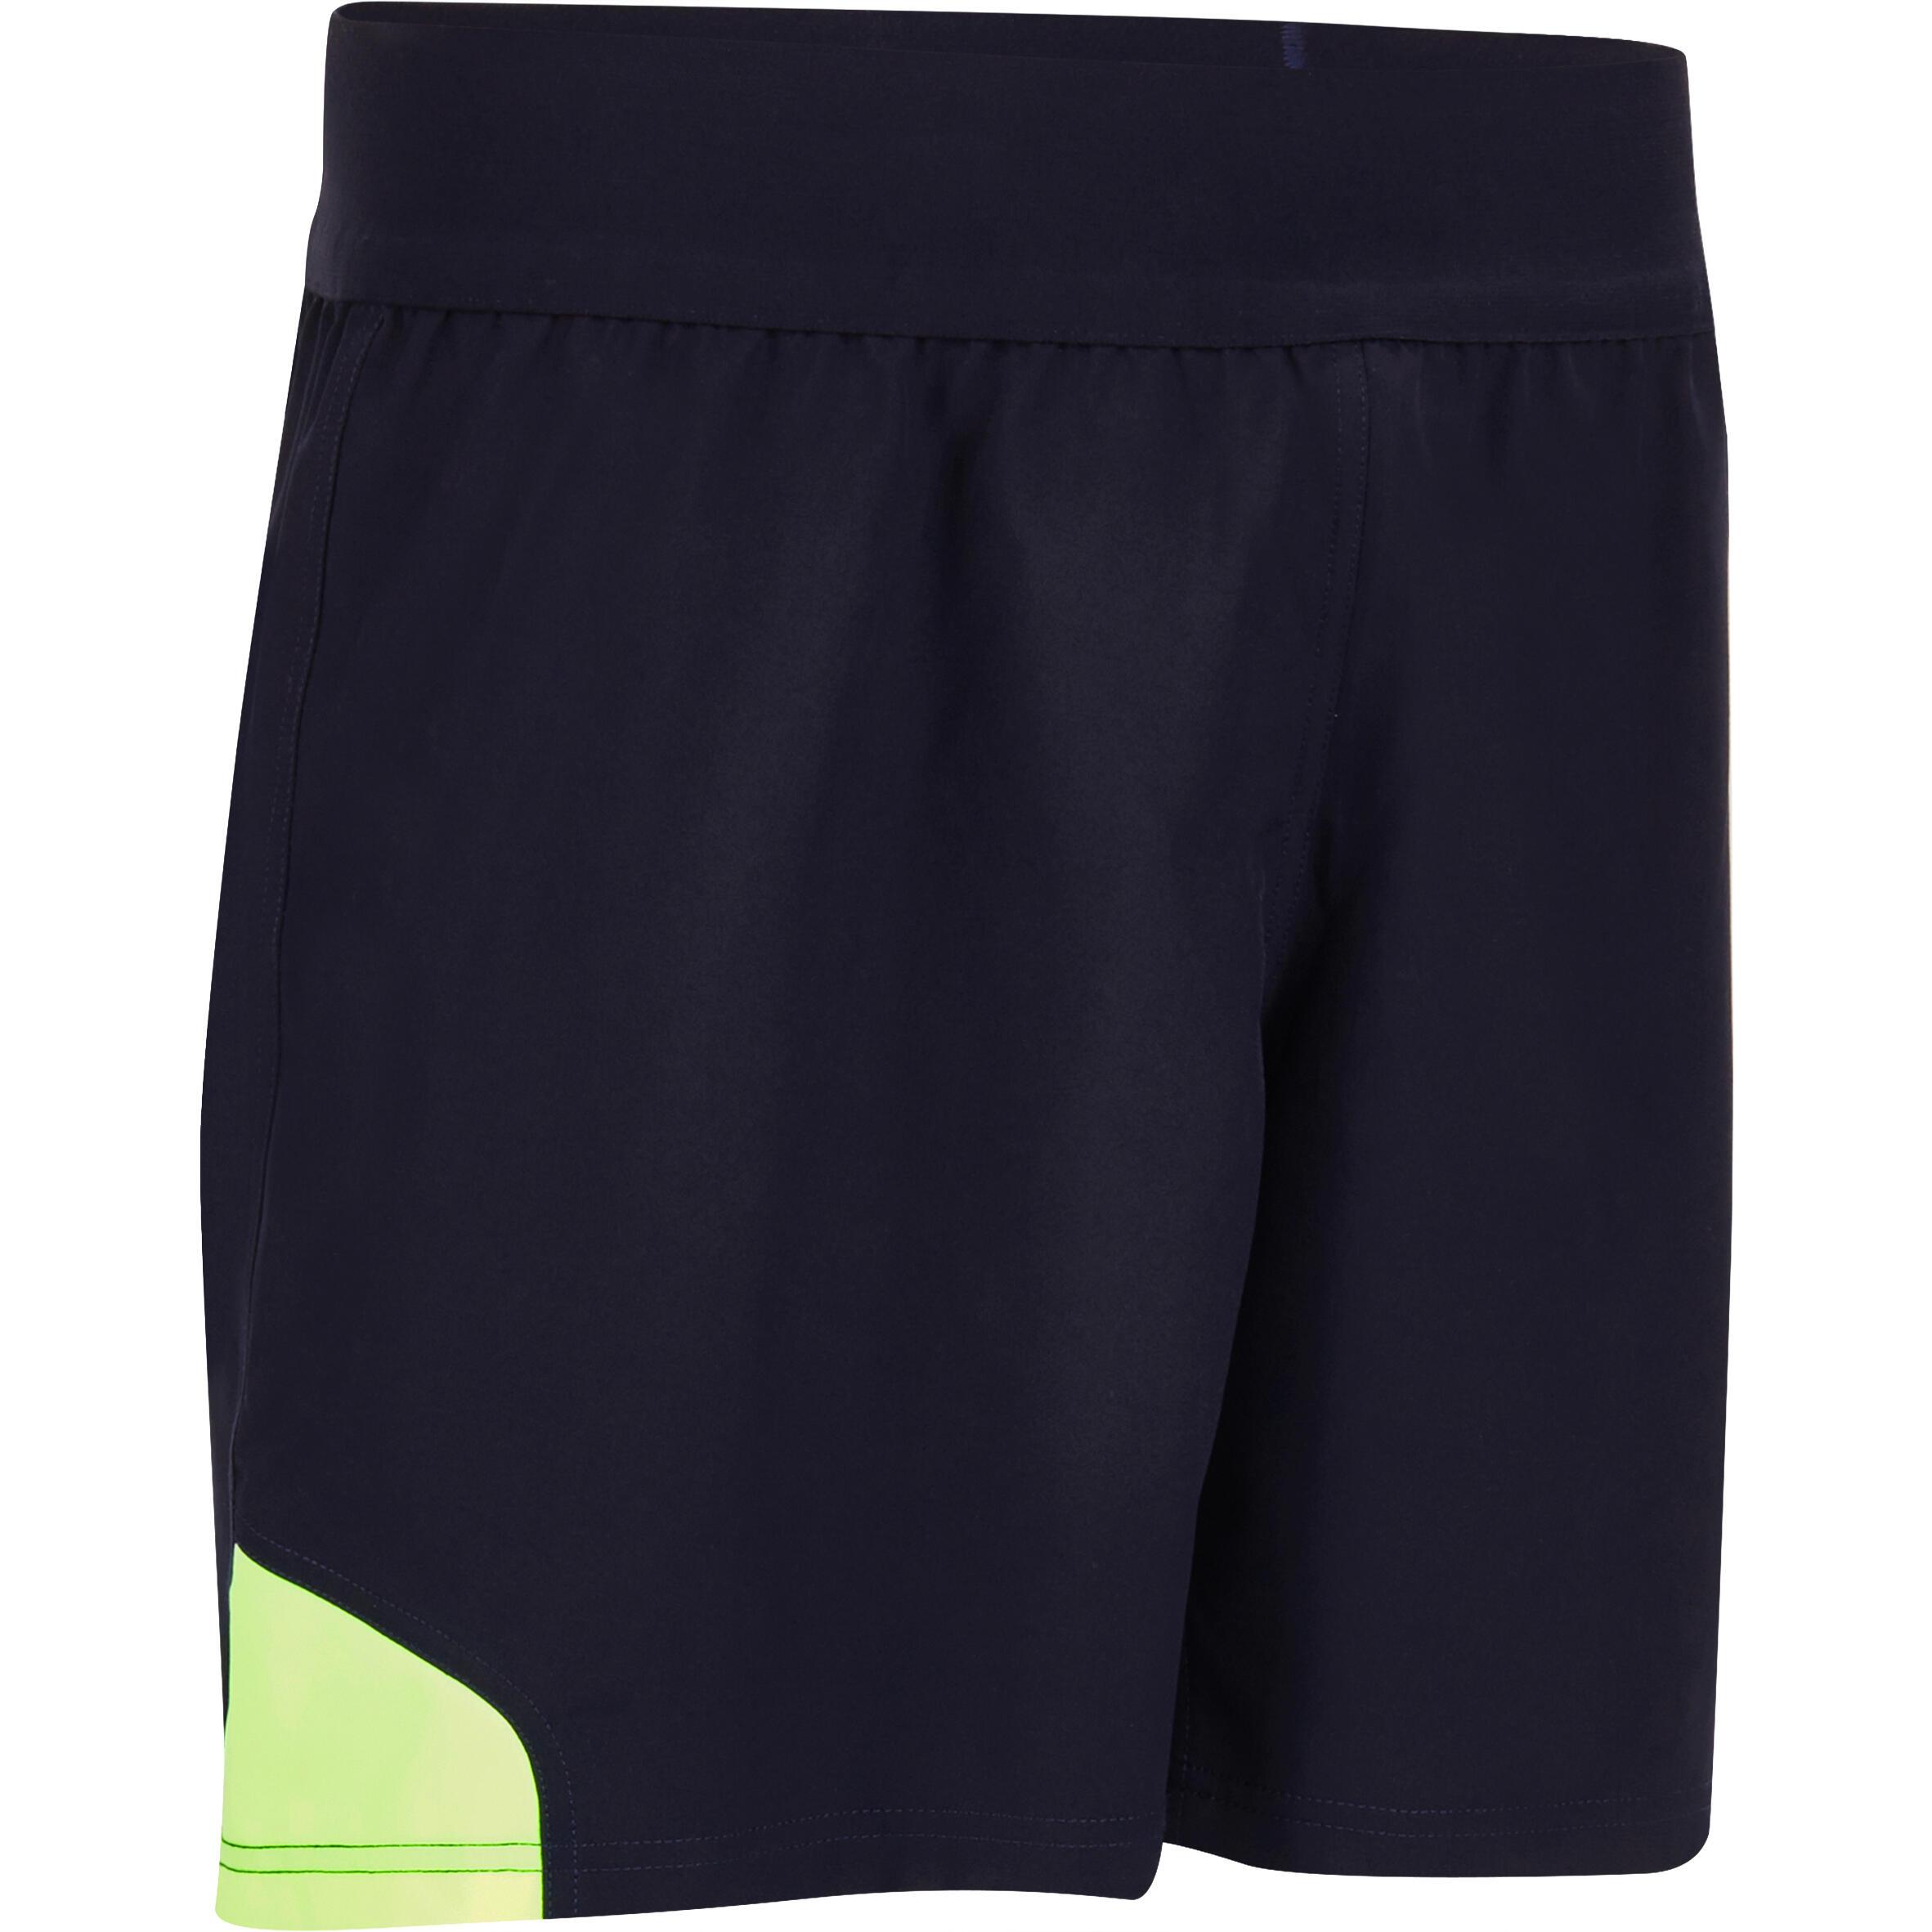 Rugbyshorts R500 Herren blau/gelb | Sportbekleidung > Sporthosen > Sportshorts | Blau - Gelb | Offload